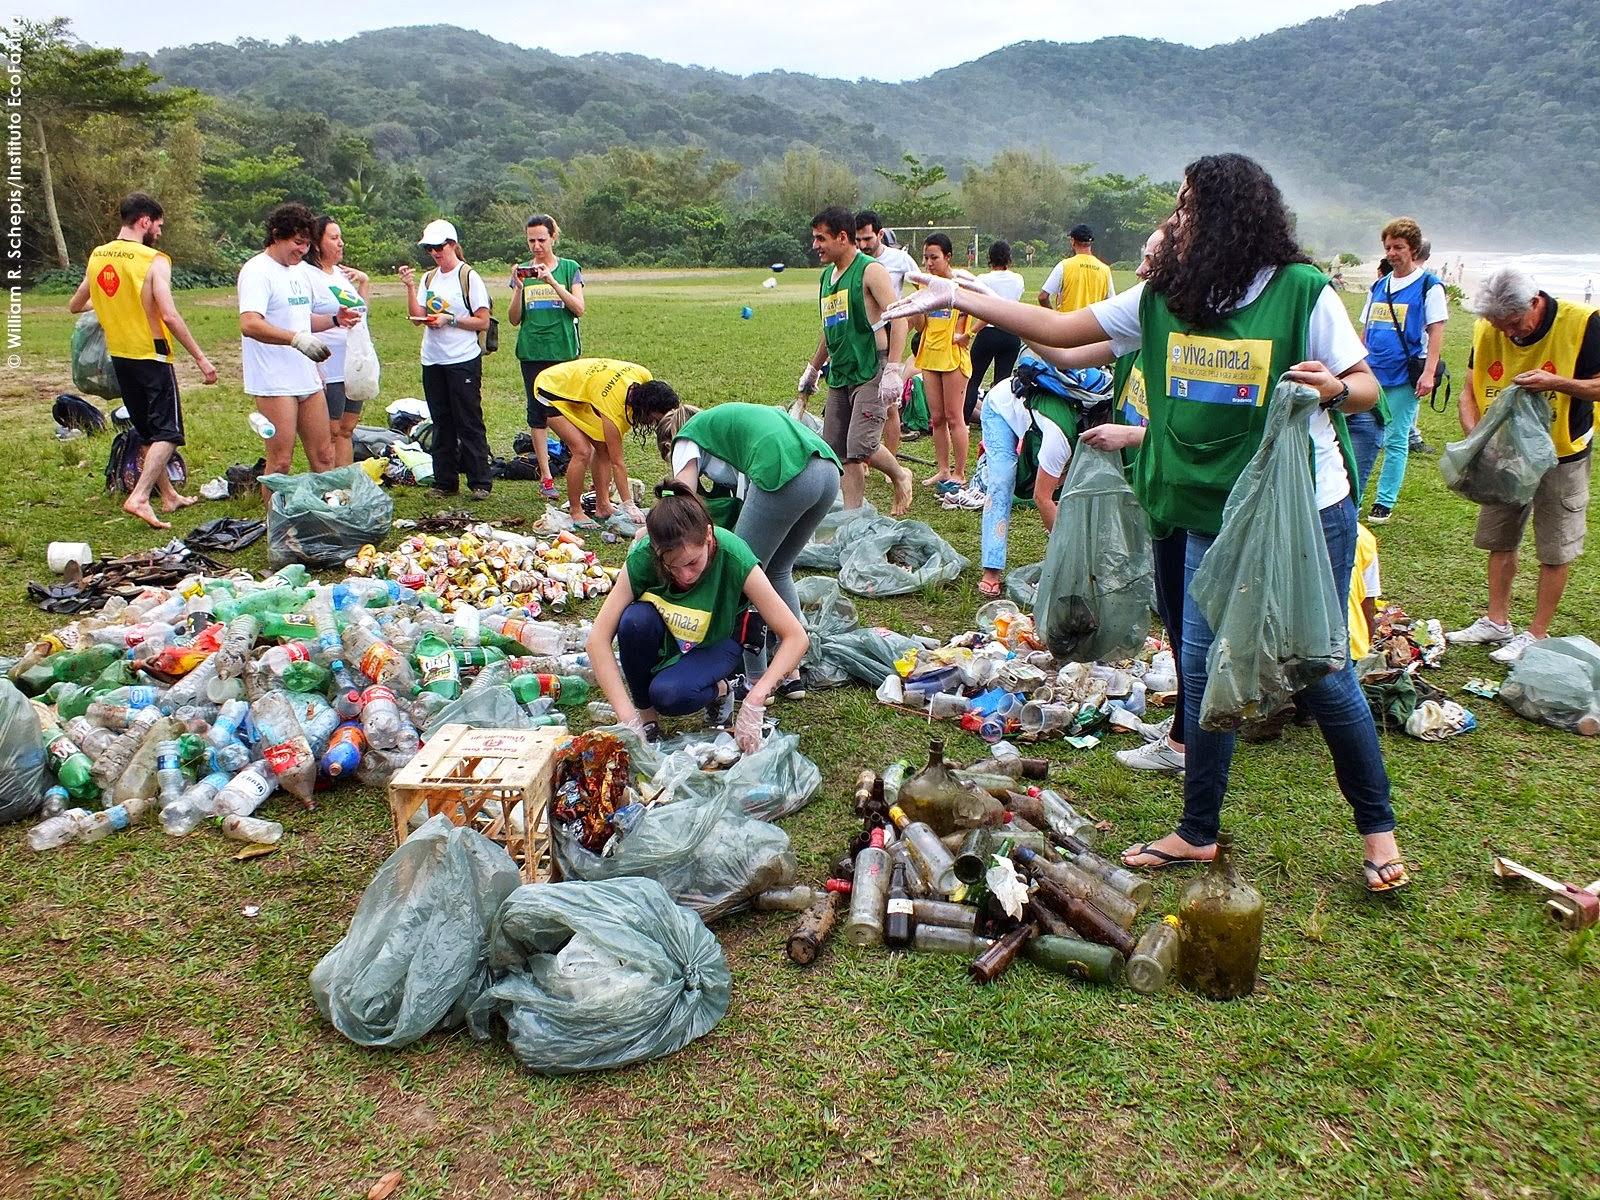 Voluntários realizam a coleta de dados dos resíduos retirados durante a trilha. Foto: William R. Schepis/Instituto EcoFaxina